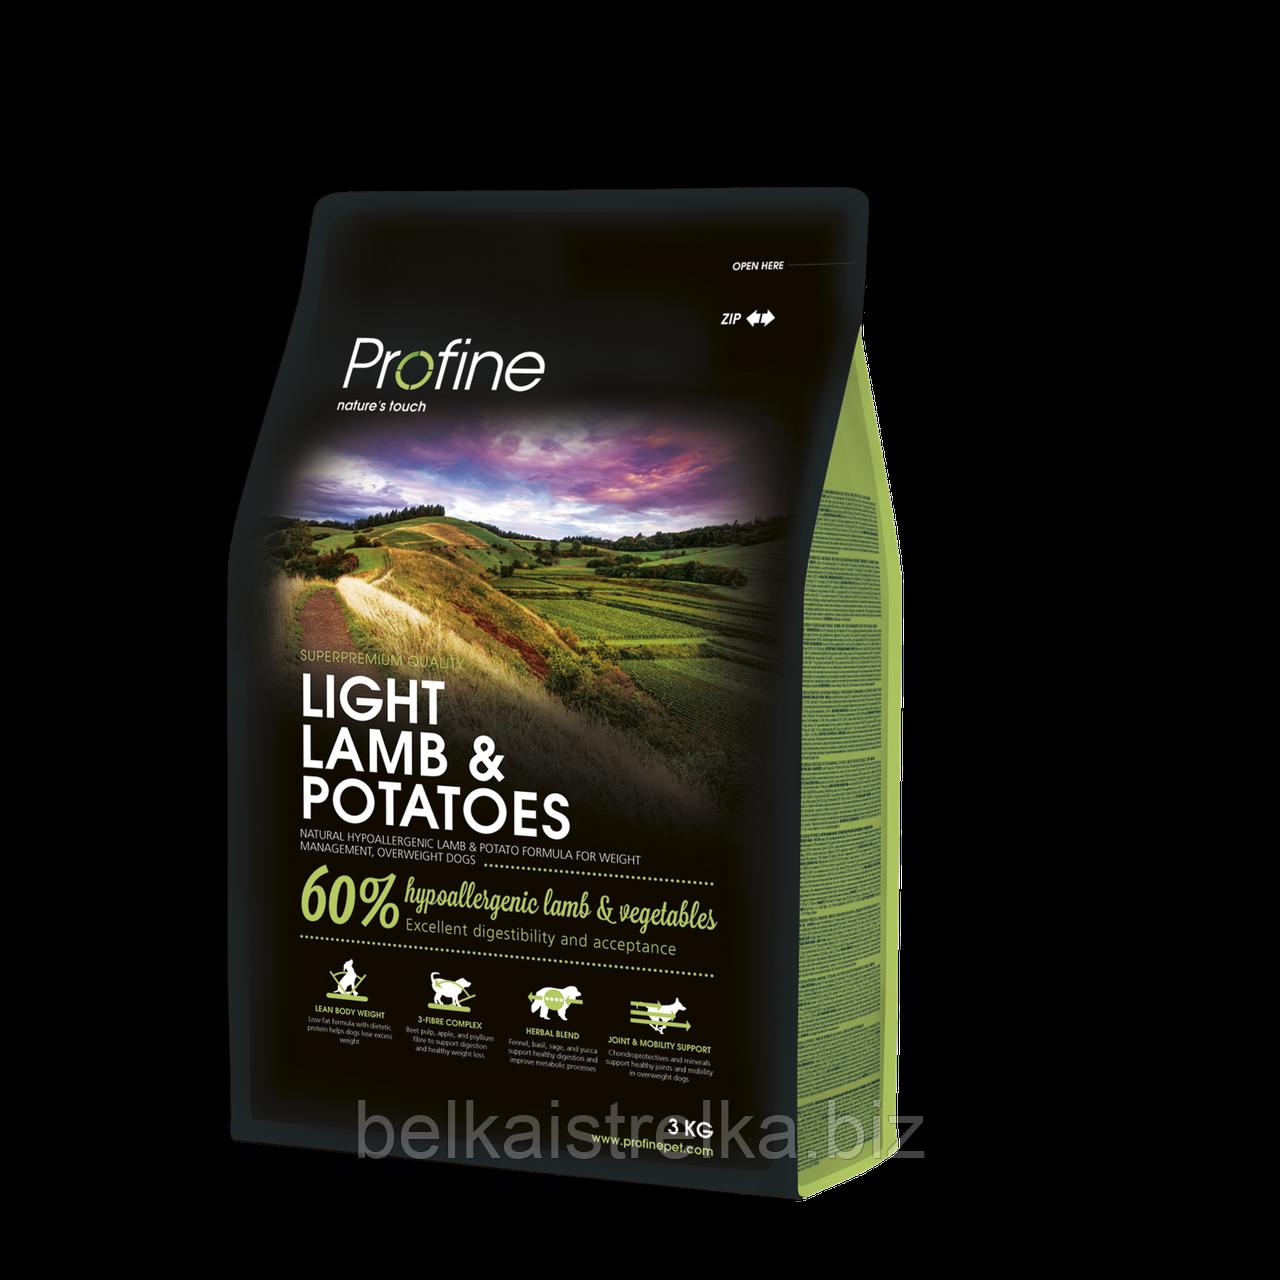 Корм Profine Light Lamb, для оптимизации веса, ягненок и картофель, 3 кг 170552